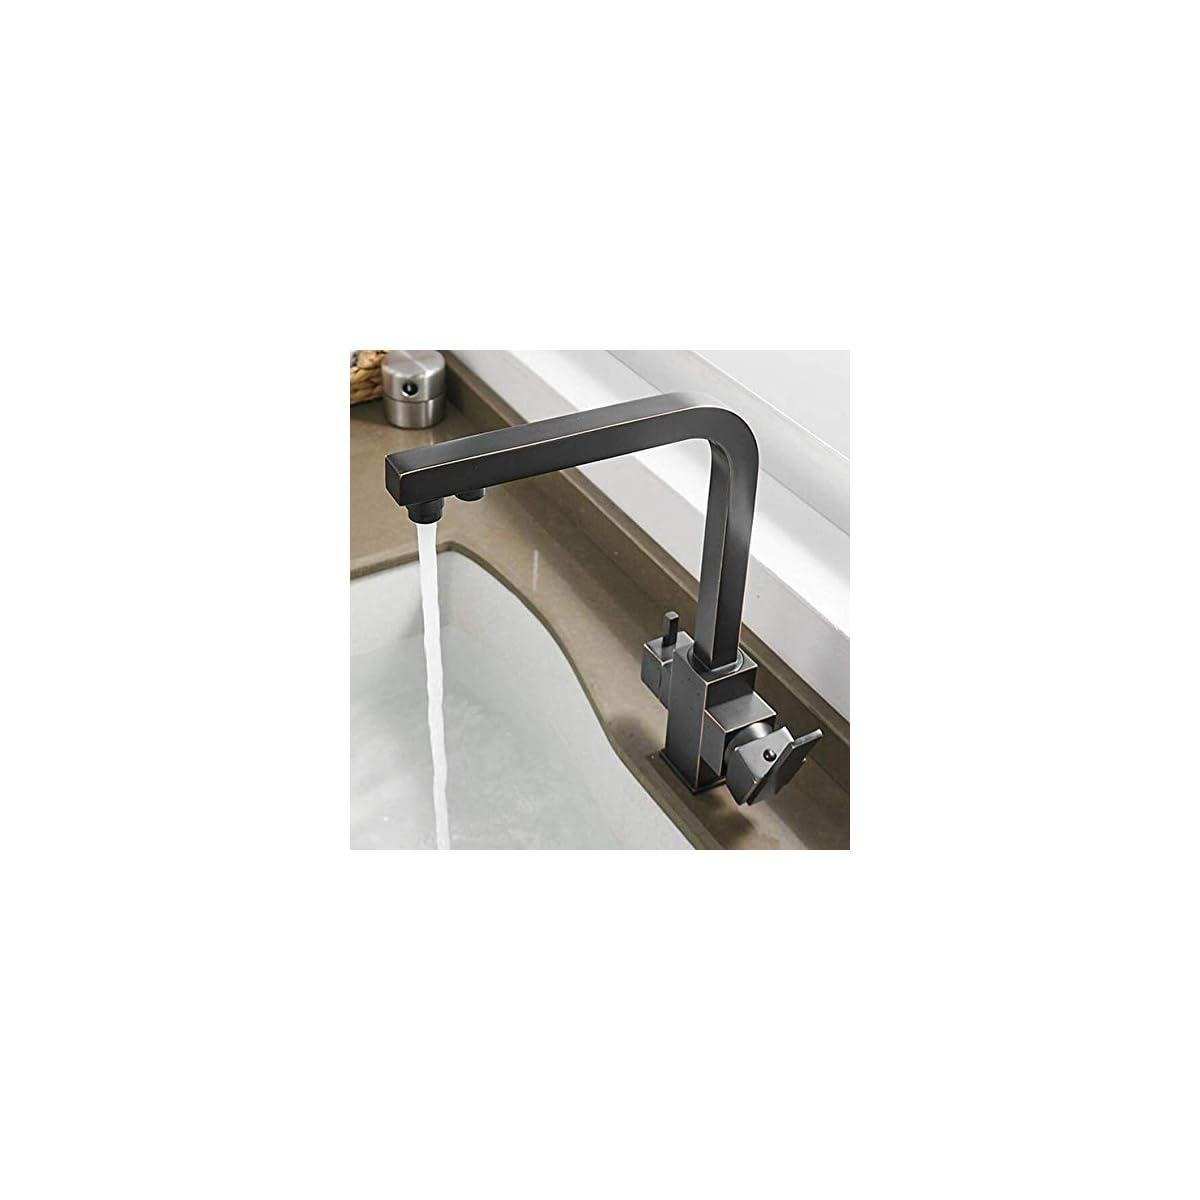 412IA5R7pOL. SS1200  - ERMAO Slt Grifo de Cocina de 3 vías Negro Antiguo para Filtro de Agua 360 ° Grifo Giratorio de Agua Potable Grifo Mezclador de 2 palancas Grifo de Lavabo 3 en 1 Grifo de Agua Potable, latón